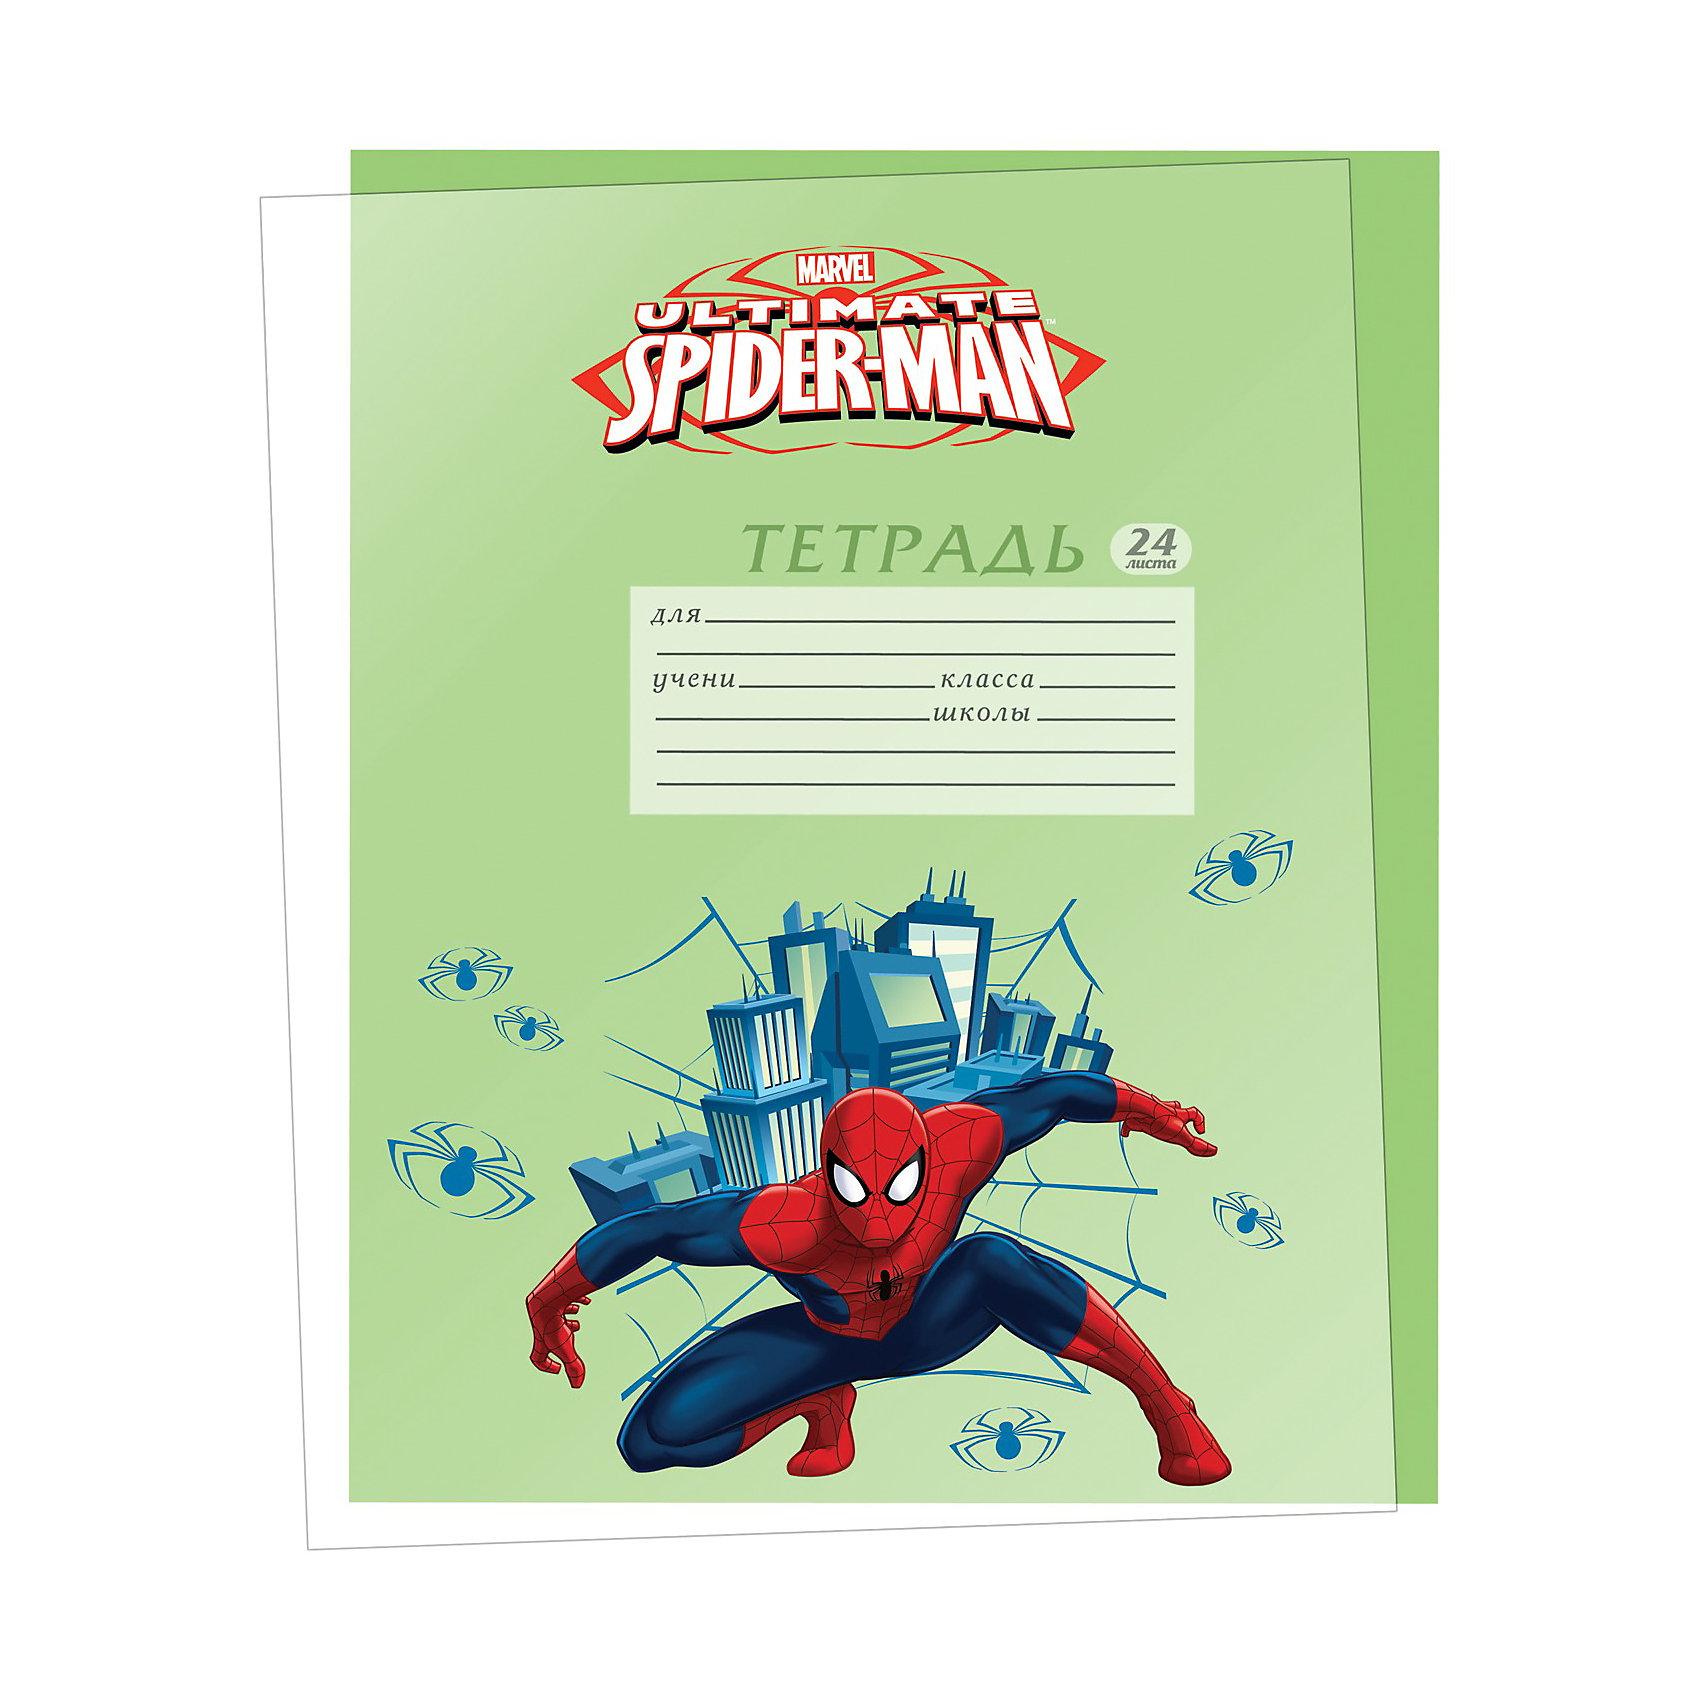 Обложки для тетрадей, Человек-ПаукЧеловек-Паук<br>Обложки для тетрадей прозрачные с  изображением супергероя Человека-паука (Spider Man) станут прекрасным помощником Вашему первокласснику в школе и защитят тетради с домашними заданиями.<br><br>Дополнительная информация:<br><br>- количество: 5 шт. в наборе. <br>- размеры: 21,2 х 35 см.<br><br>Обложки для тетрадей Spider Man можно купить в нашем магазине.<br><br>Ширина мм: 200<br>Глубина мм: 160<br>Высота мм: 10<br>Вес г: 100<br>Возраст от месяцев: 48<br>Возраст до месяцев: 84<br>Пол: Мужской<br>Возраст: Детский<br>SKU: 3563000